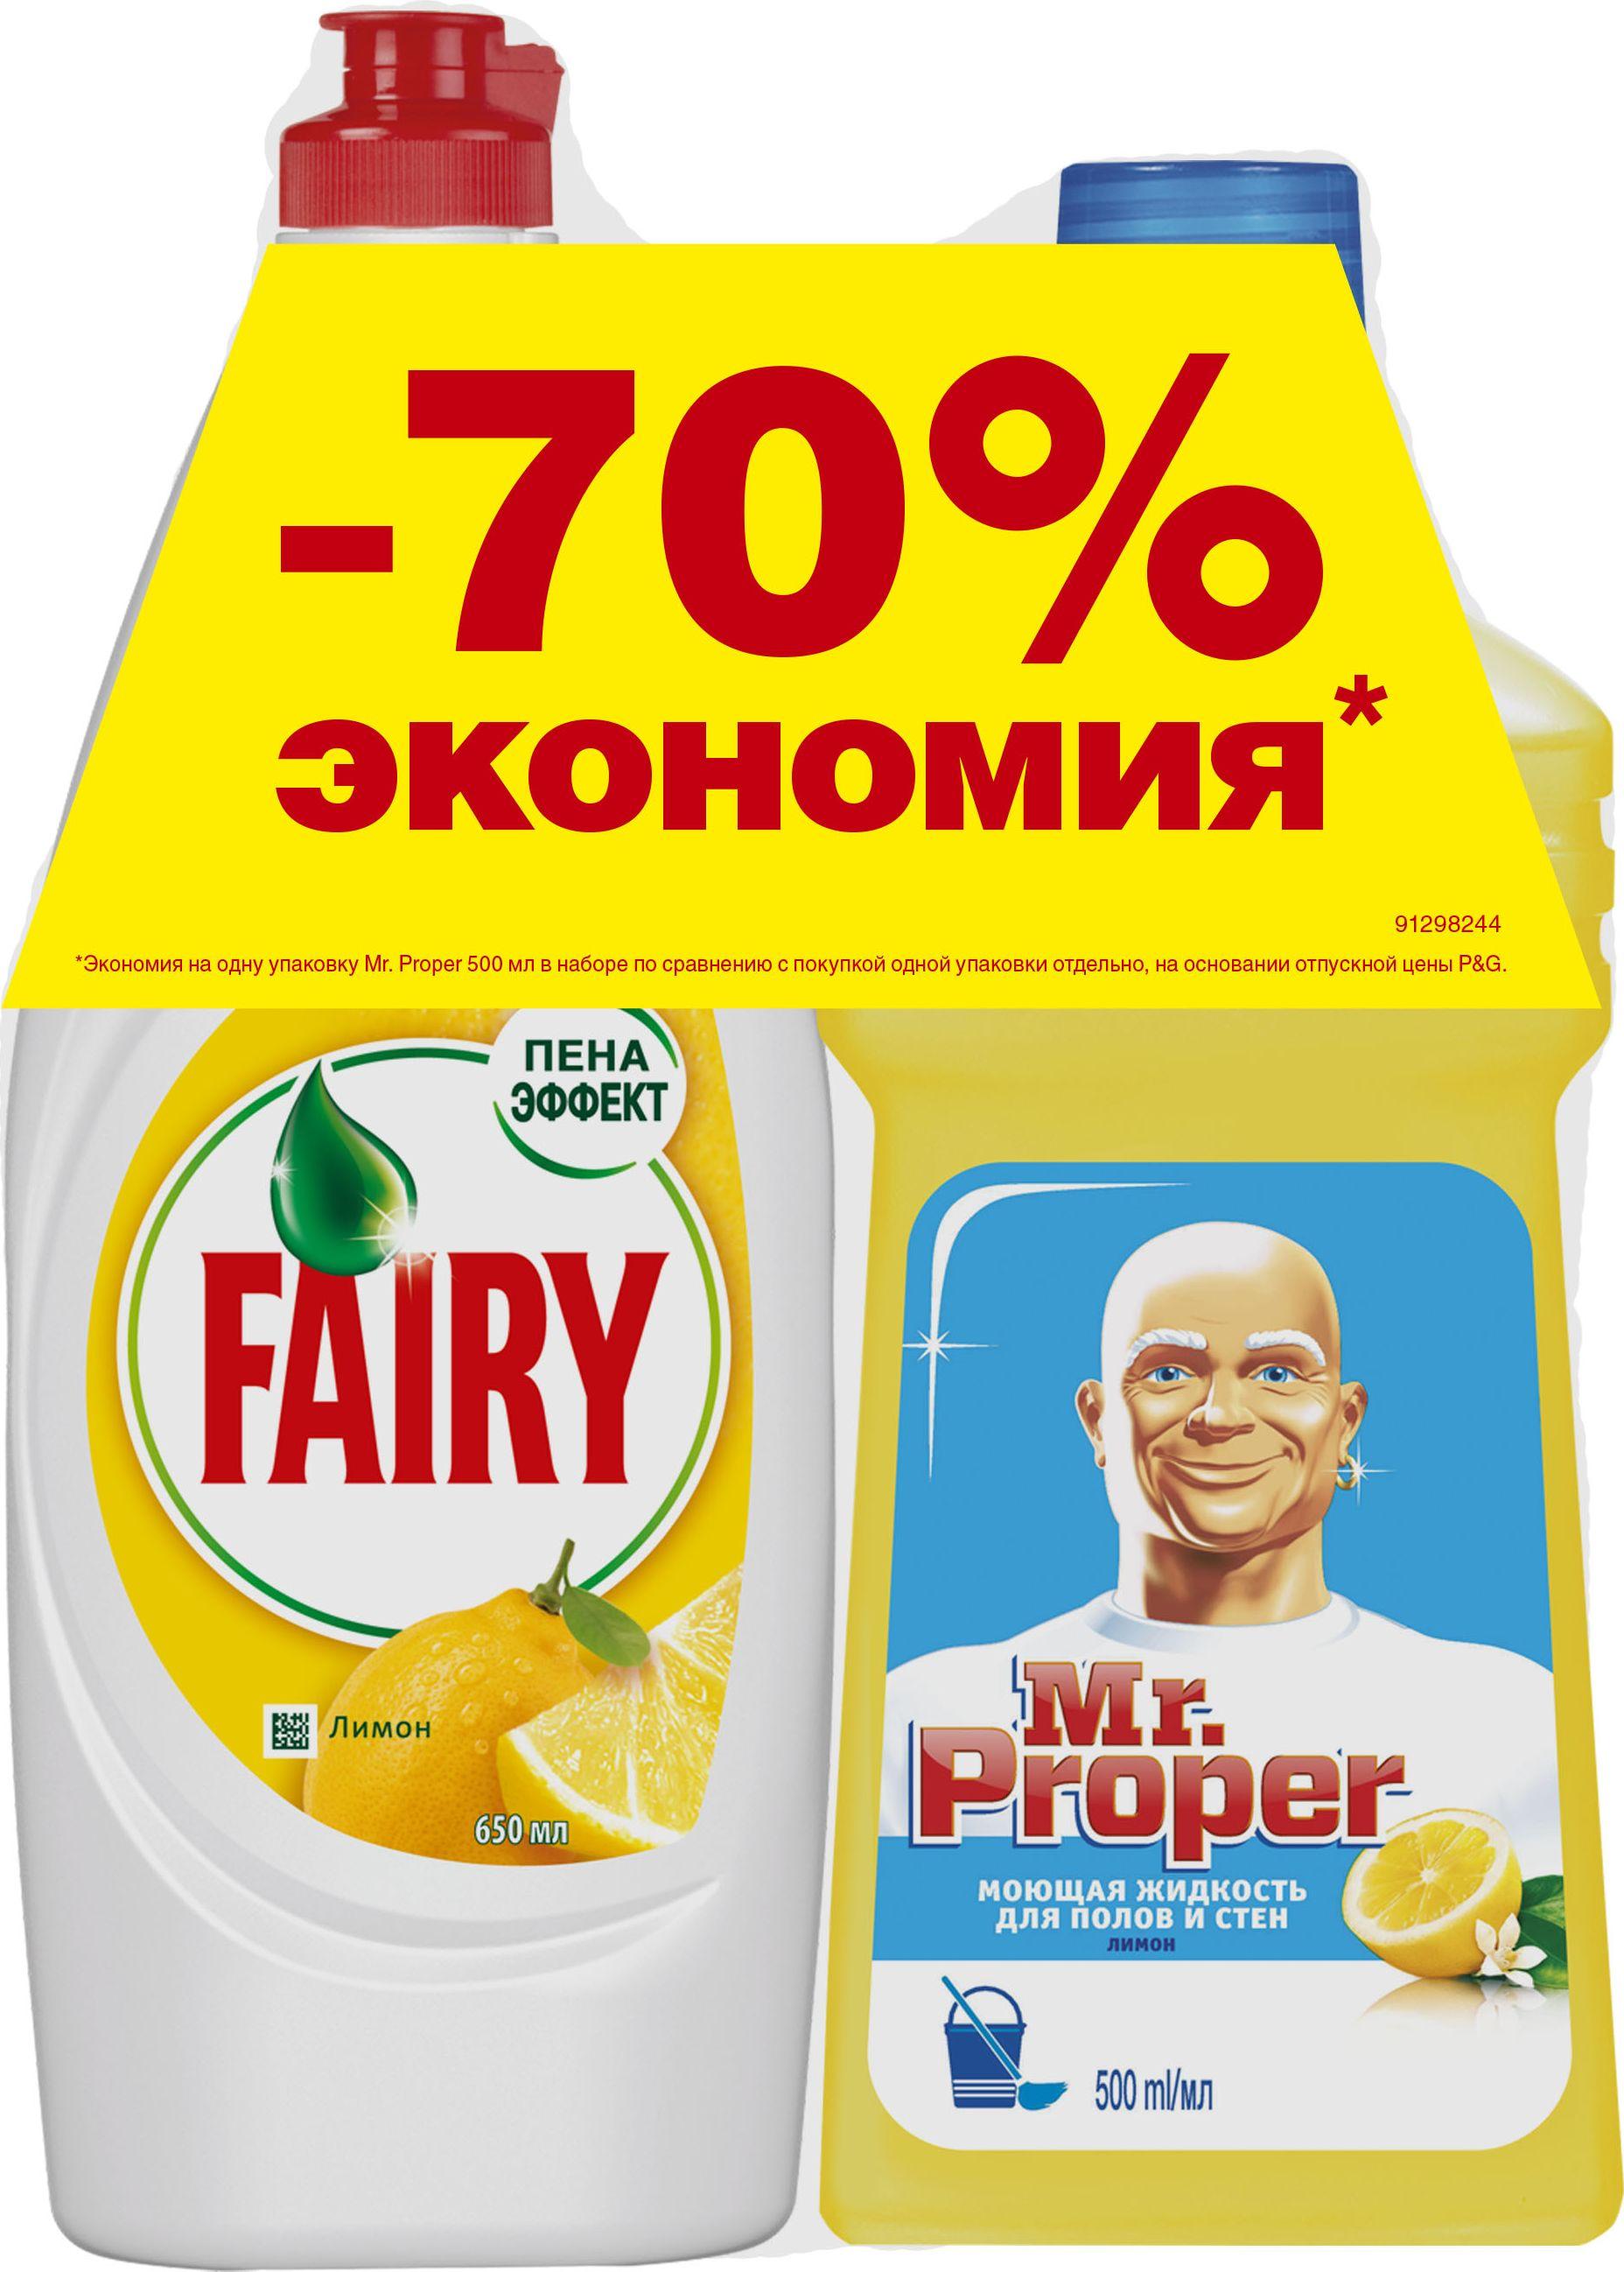 """Средство для мытья посуды Fairy """"Лимон"""", 650 мл + Средство для полов и стен Mr. Proper """"Лимон"""", 500 мл"""